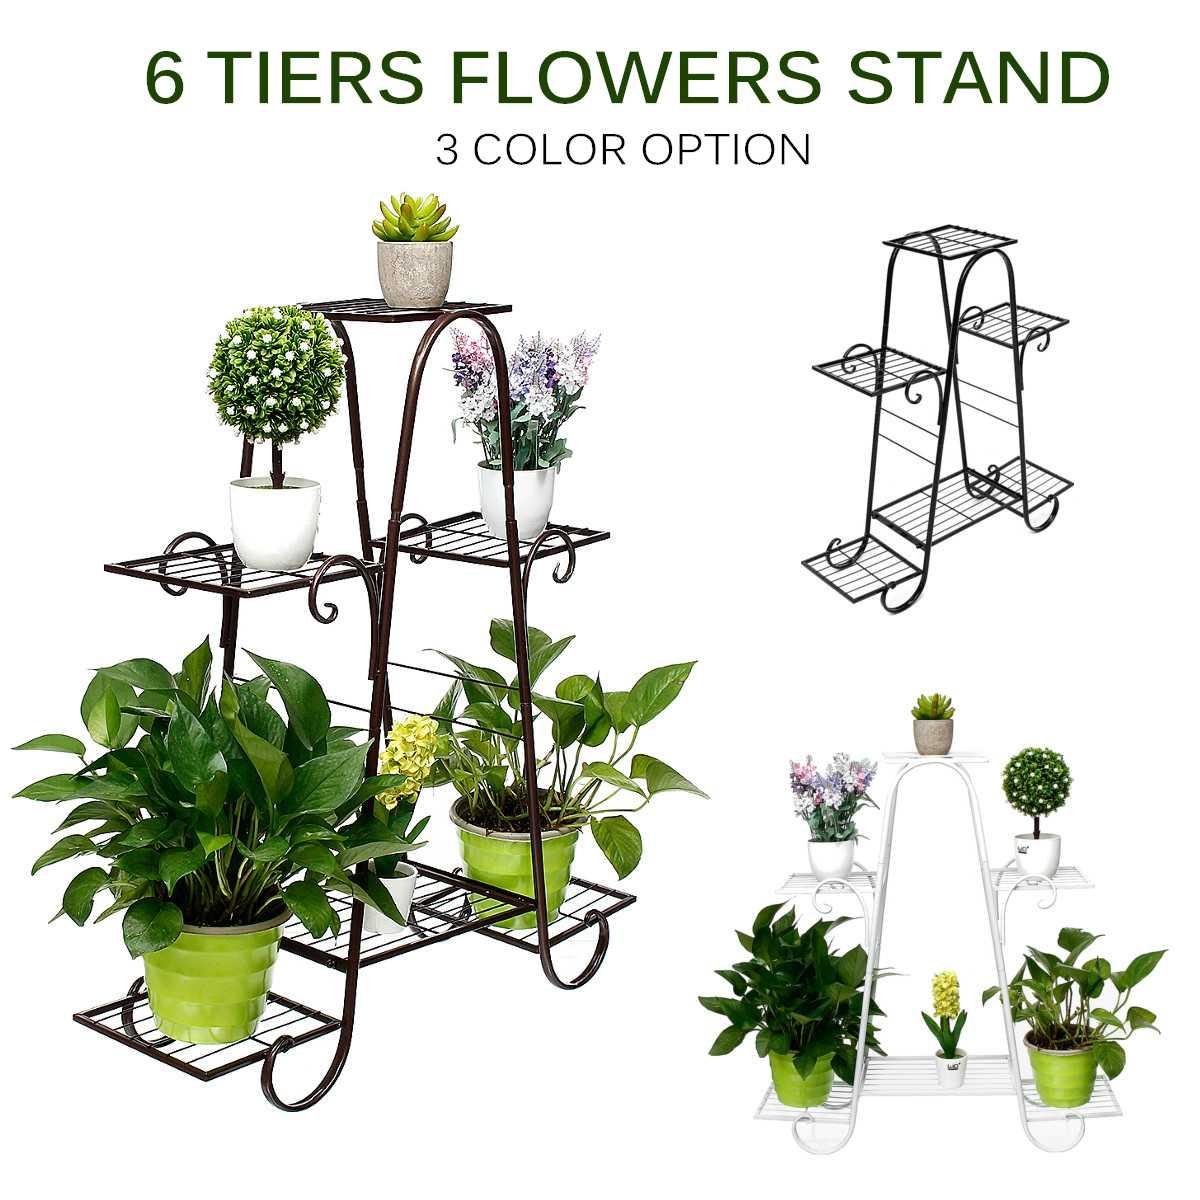 6 capas Retro hierro flor soporte plantas maceta bandejas Bonsai plantador exhibidor estantes balcón hogar jardín decoración 77x25x83cm